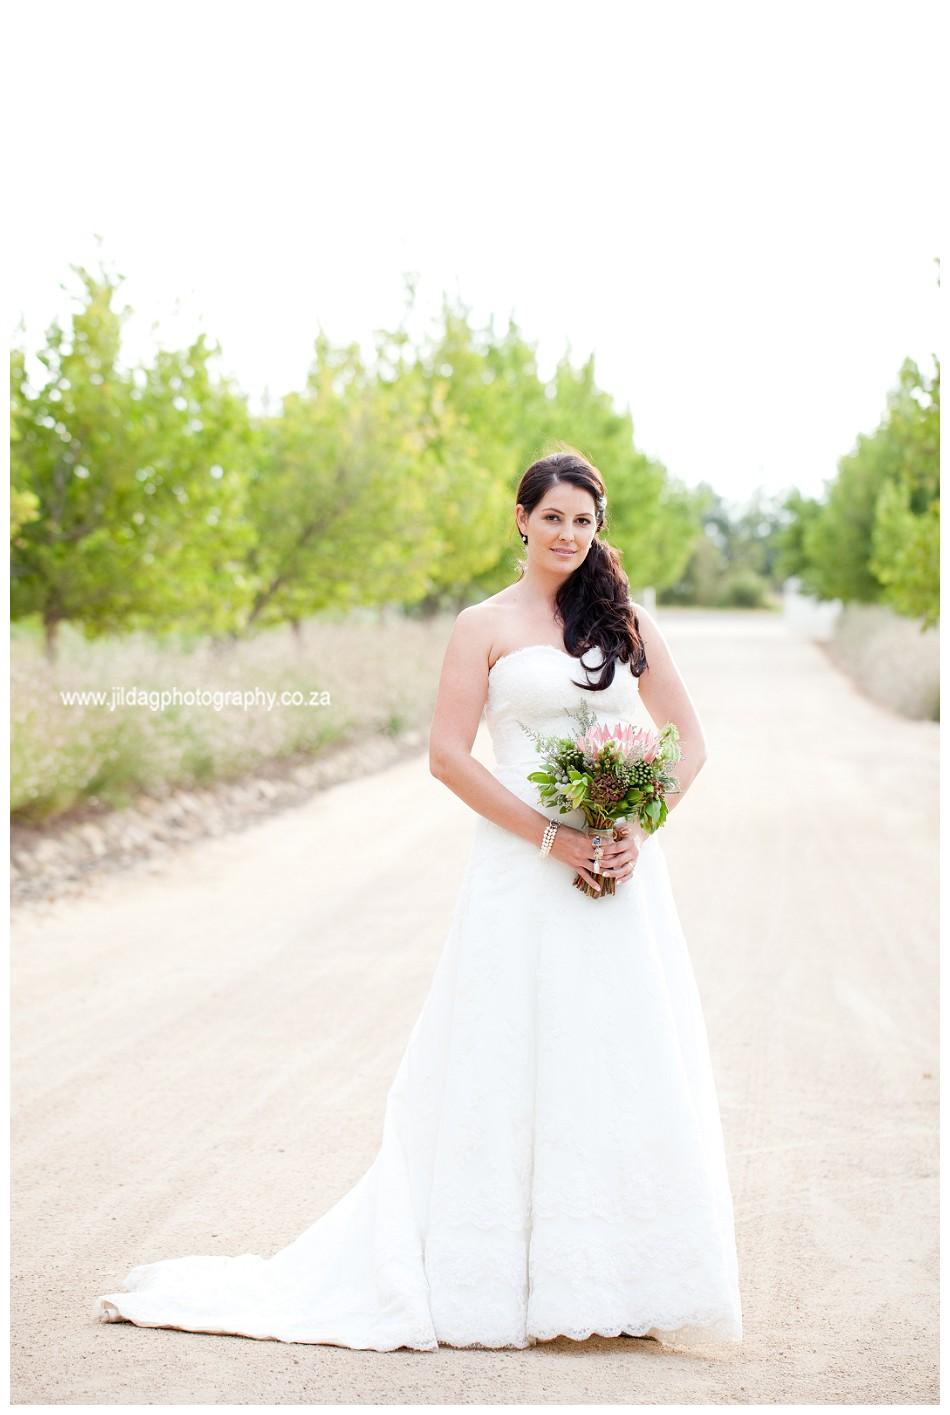 kleinevalleij - Wellington - wedding - photographer - Jilda G (115)